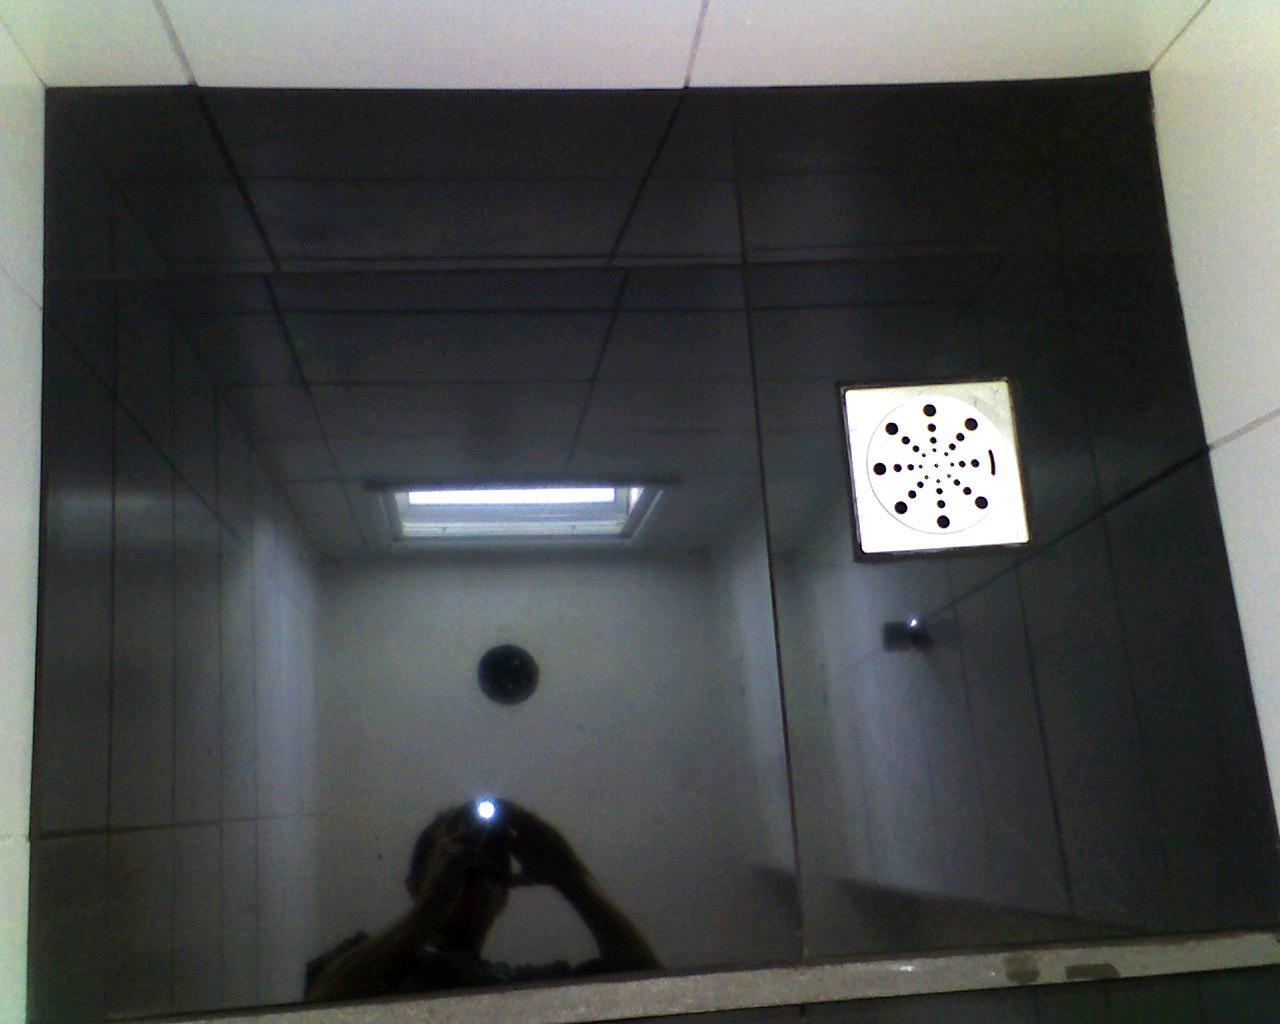 Azulejista Caxias do Sul: Colocação de Porcelanato em Caxias do Sul #515E7A 1280x1024 Banheiro Com Porcelanato Preto